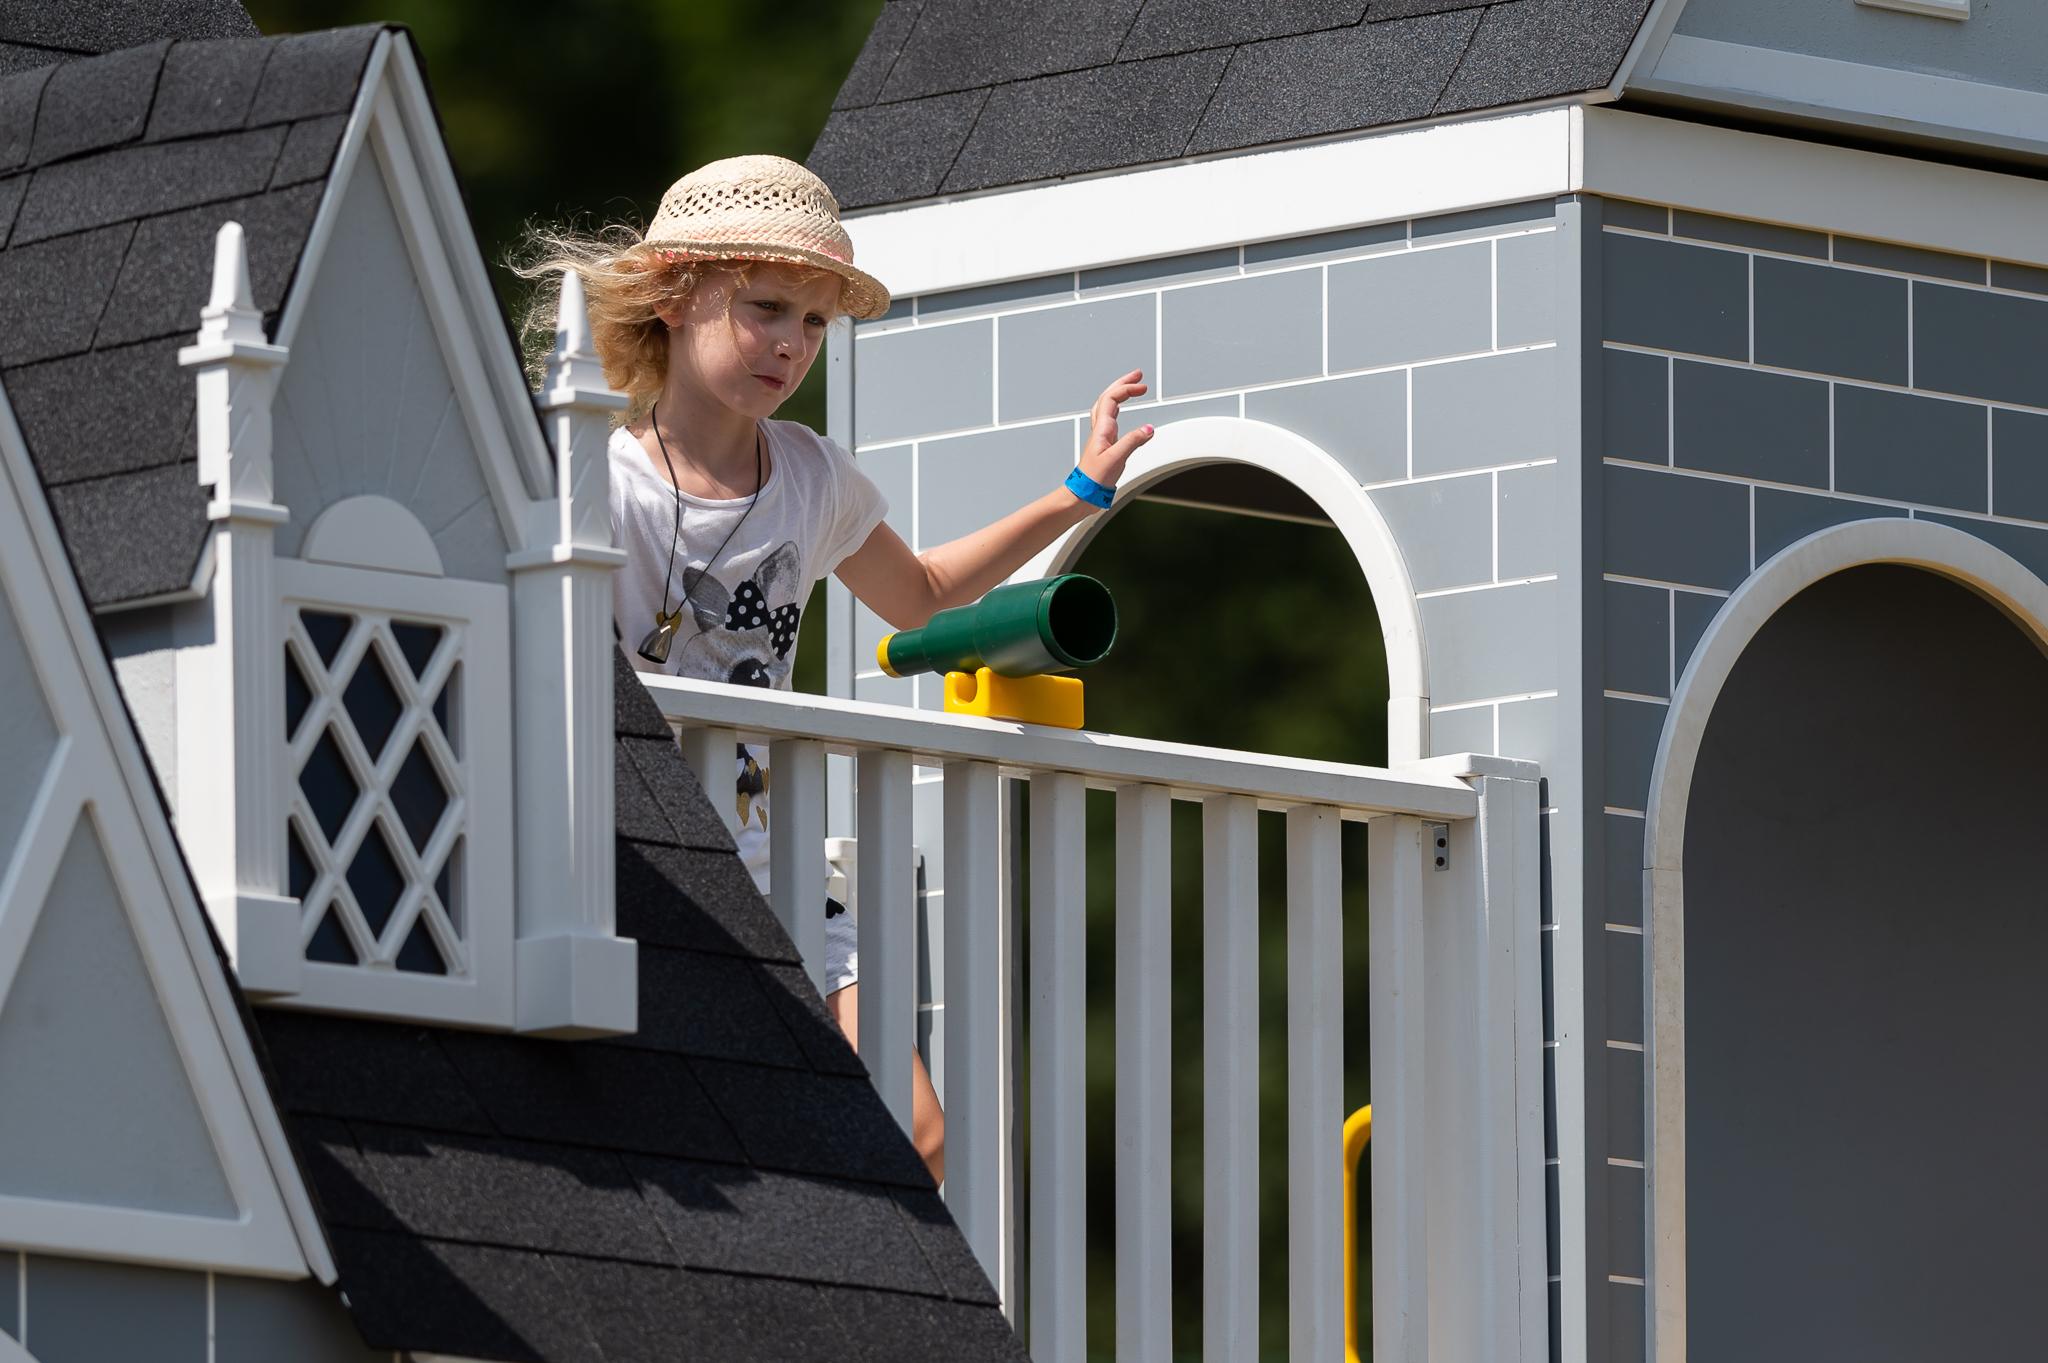 dievčatko na balkóne v domčeku v hlavnom meste detí